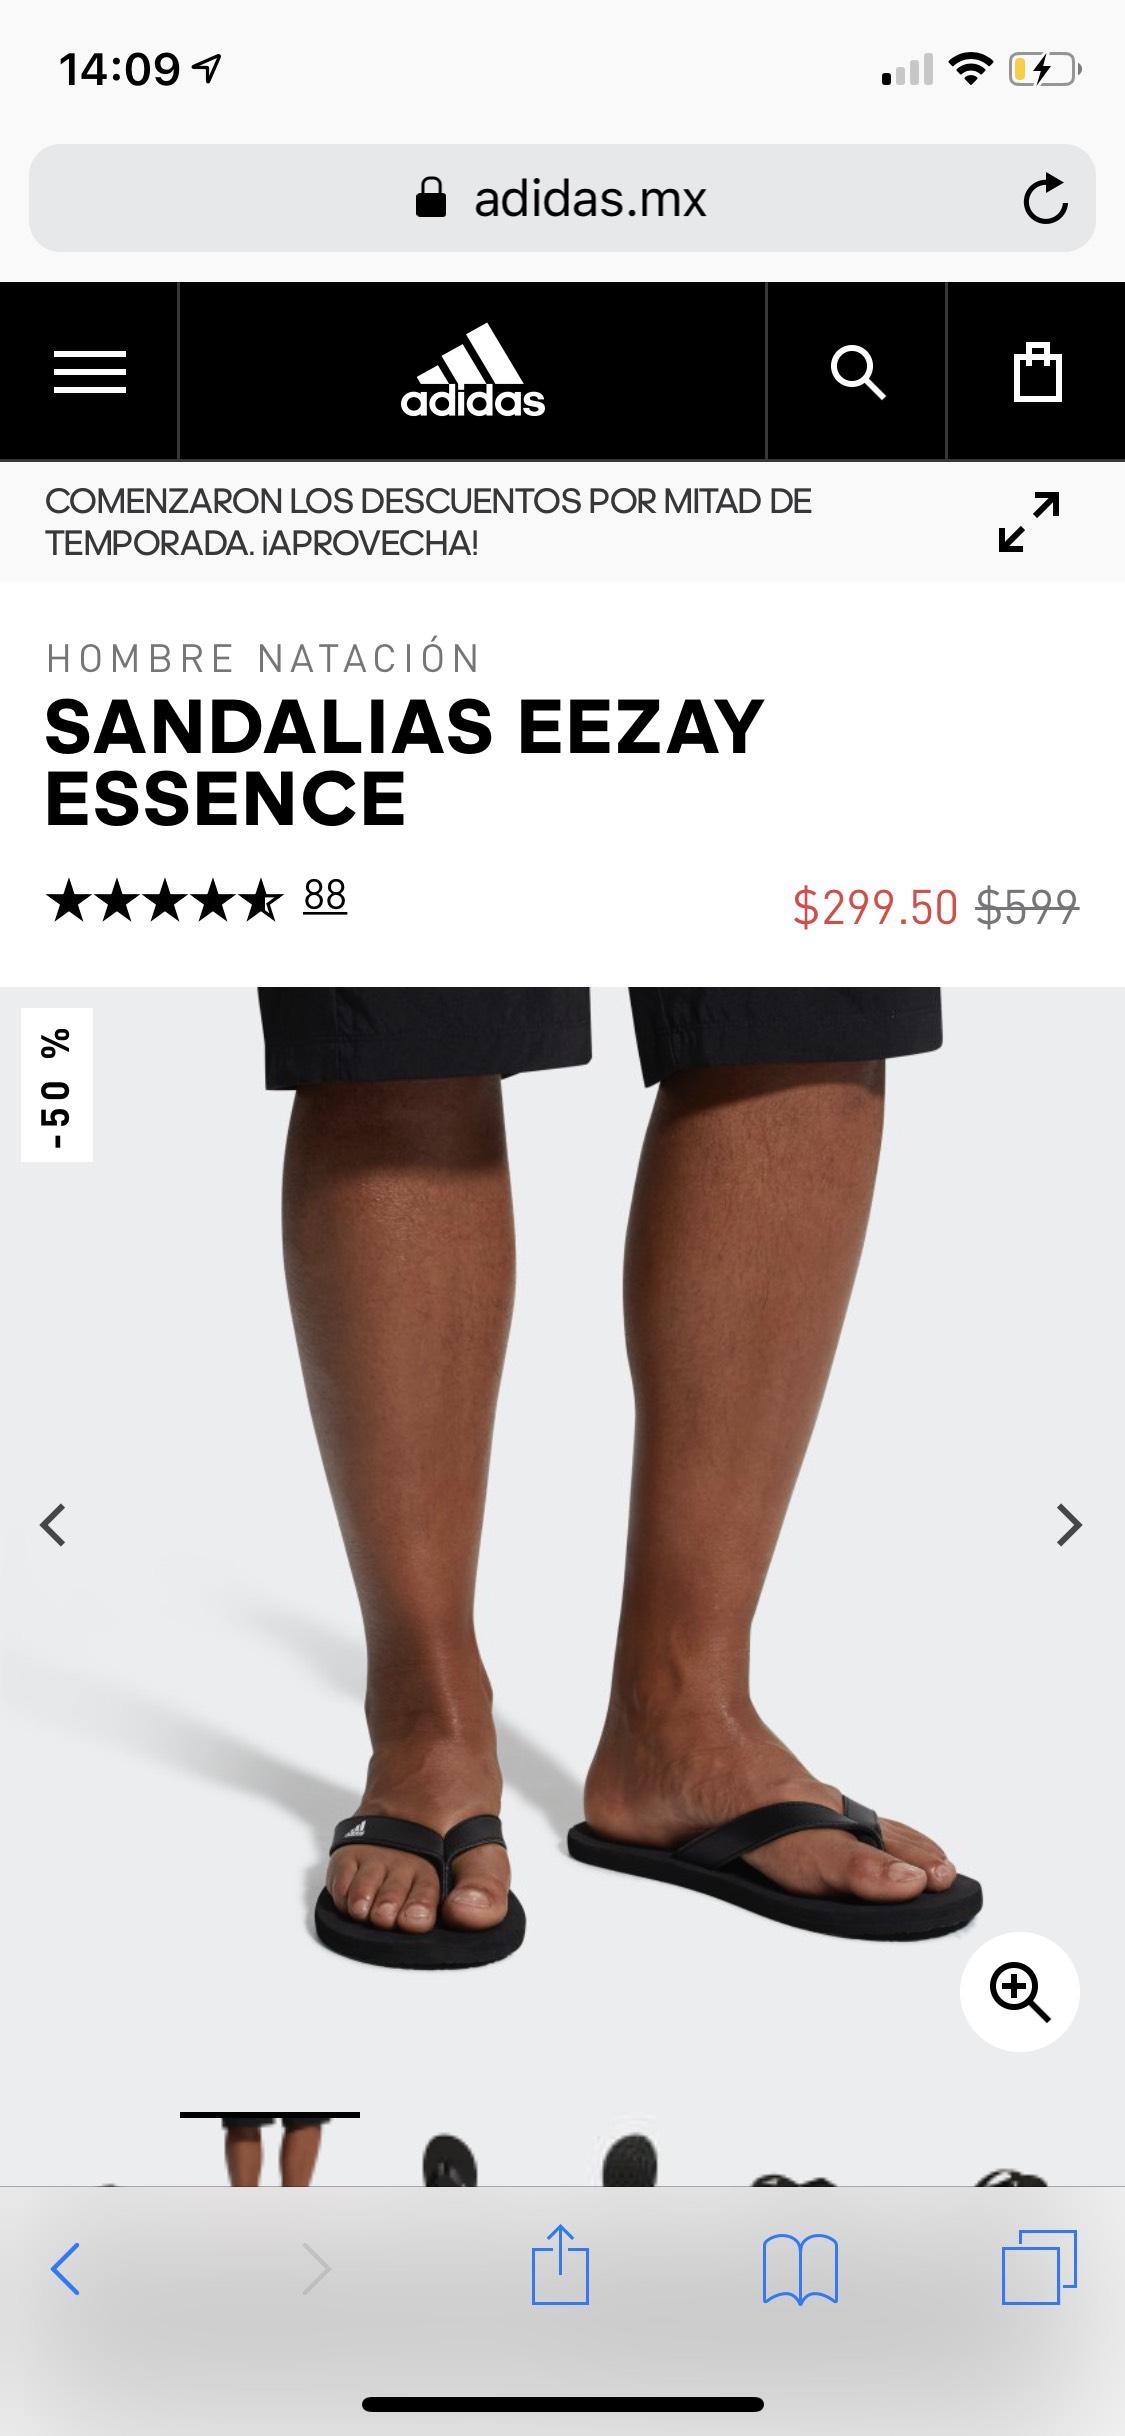 Adidas: Sandalias Adidas